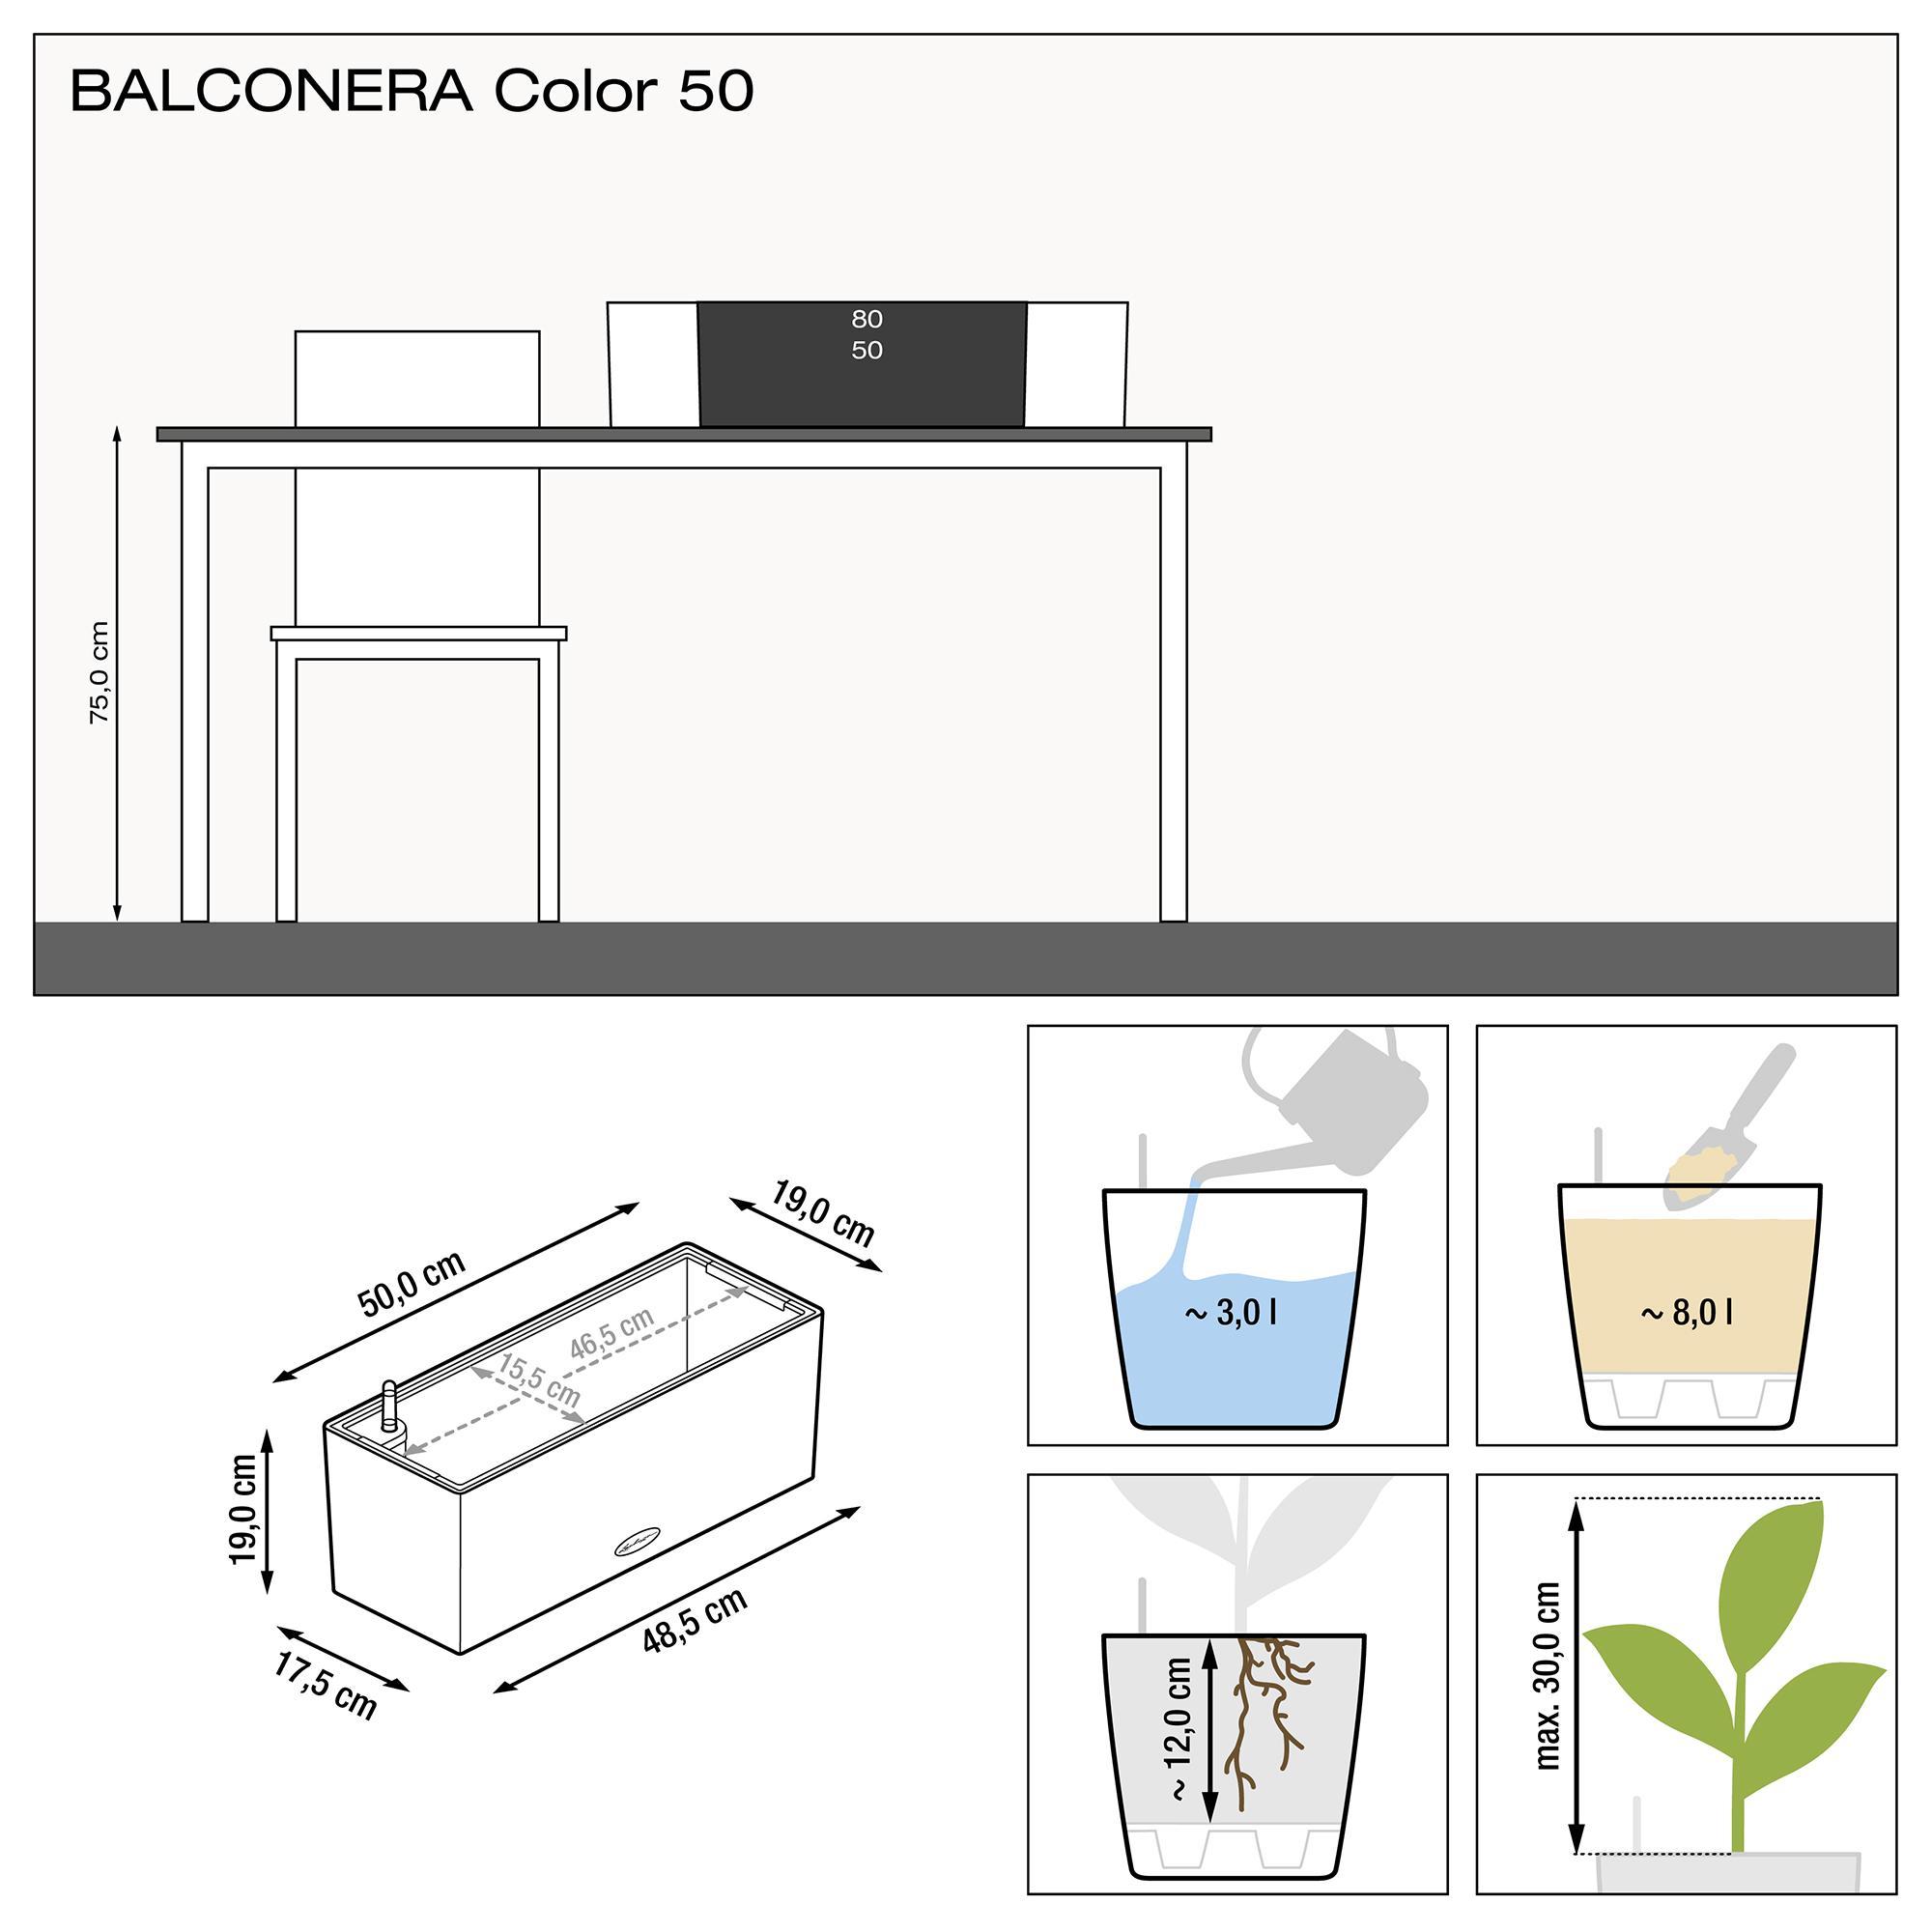 BALCONERA Cottage 50 granito - Imagen 3